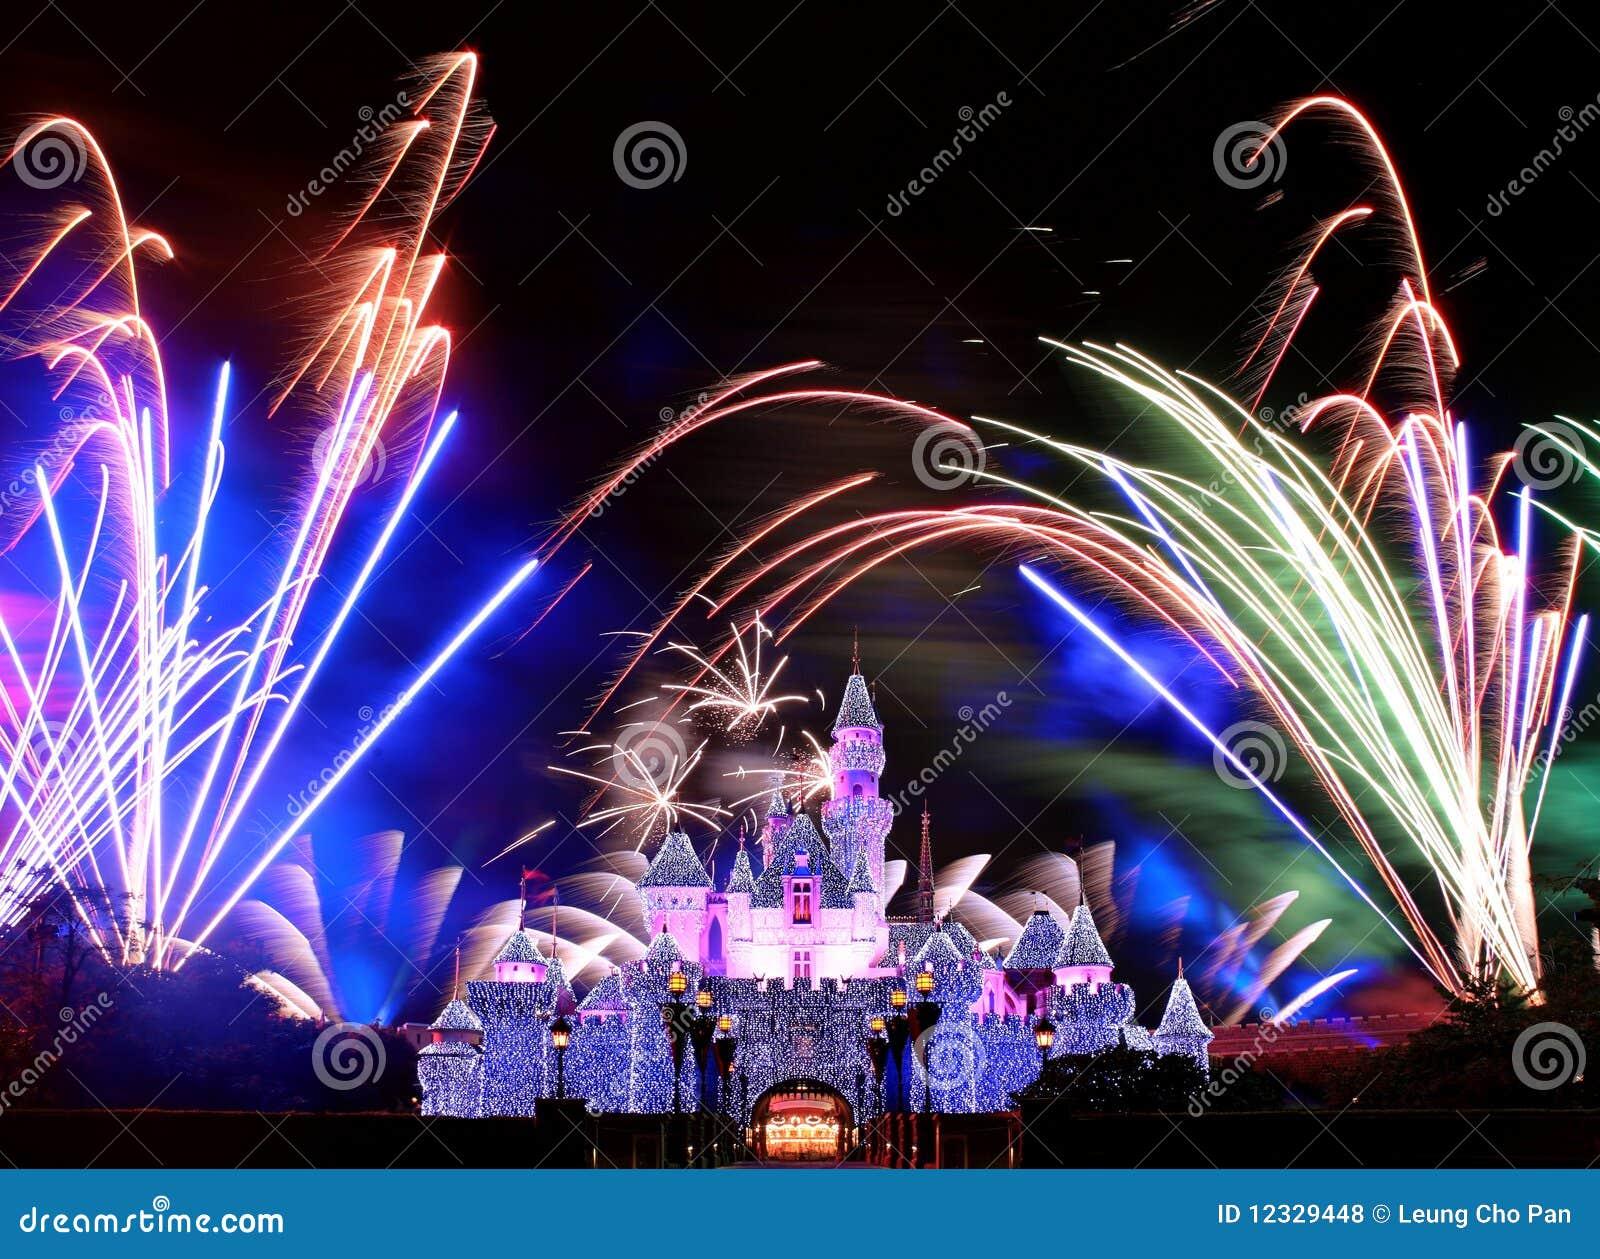 Disneyland fyrverkerier